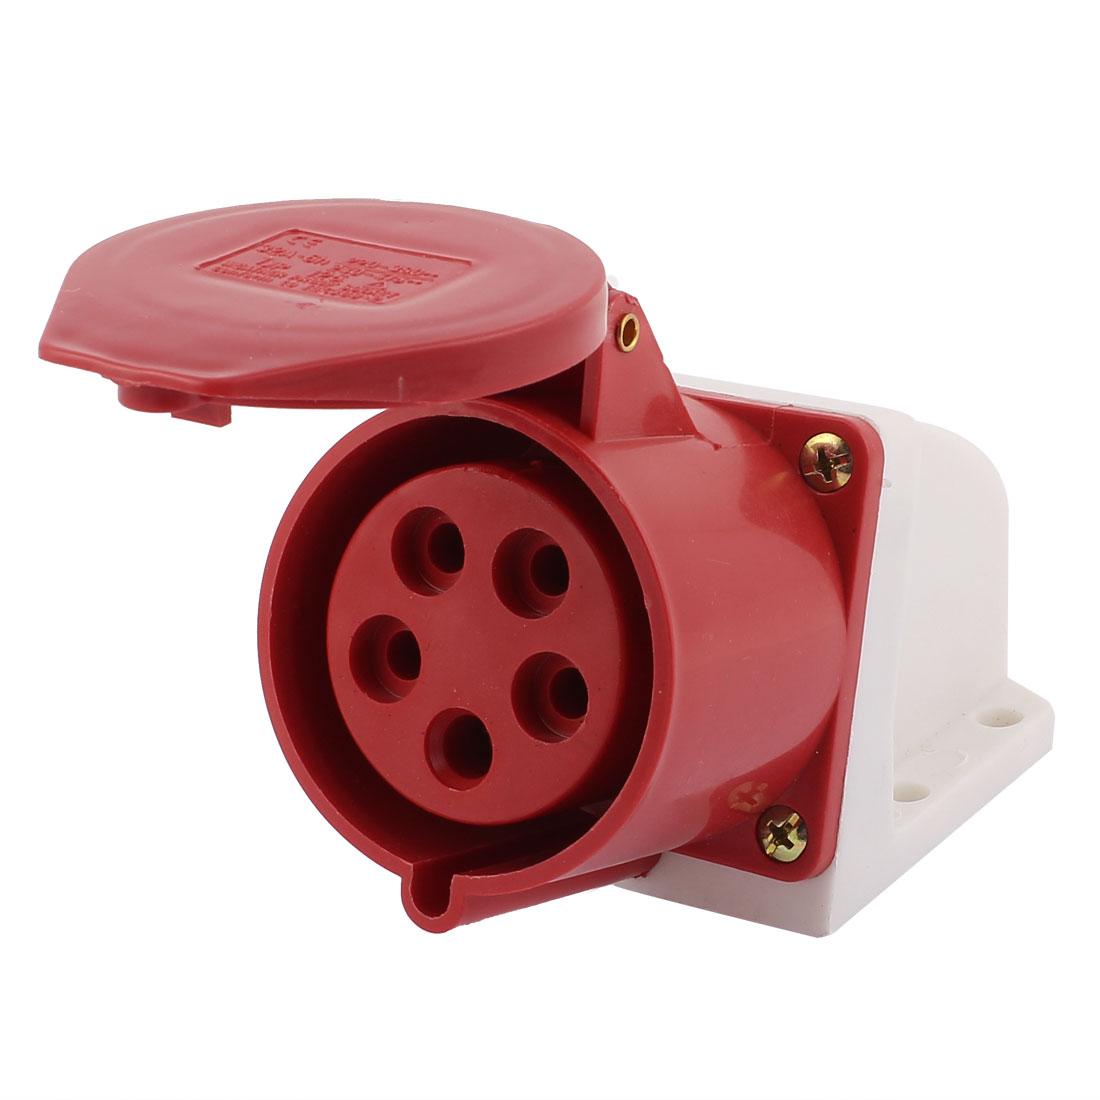 AC 240V-415V 32A IP44 3P+N+E 5P Female Industrial Caravan Waterproof Socket